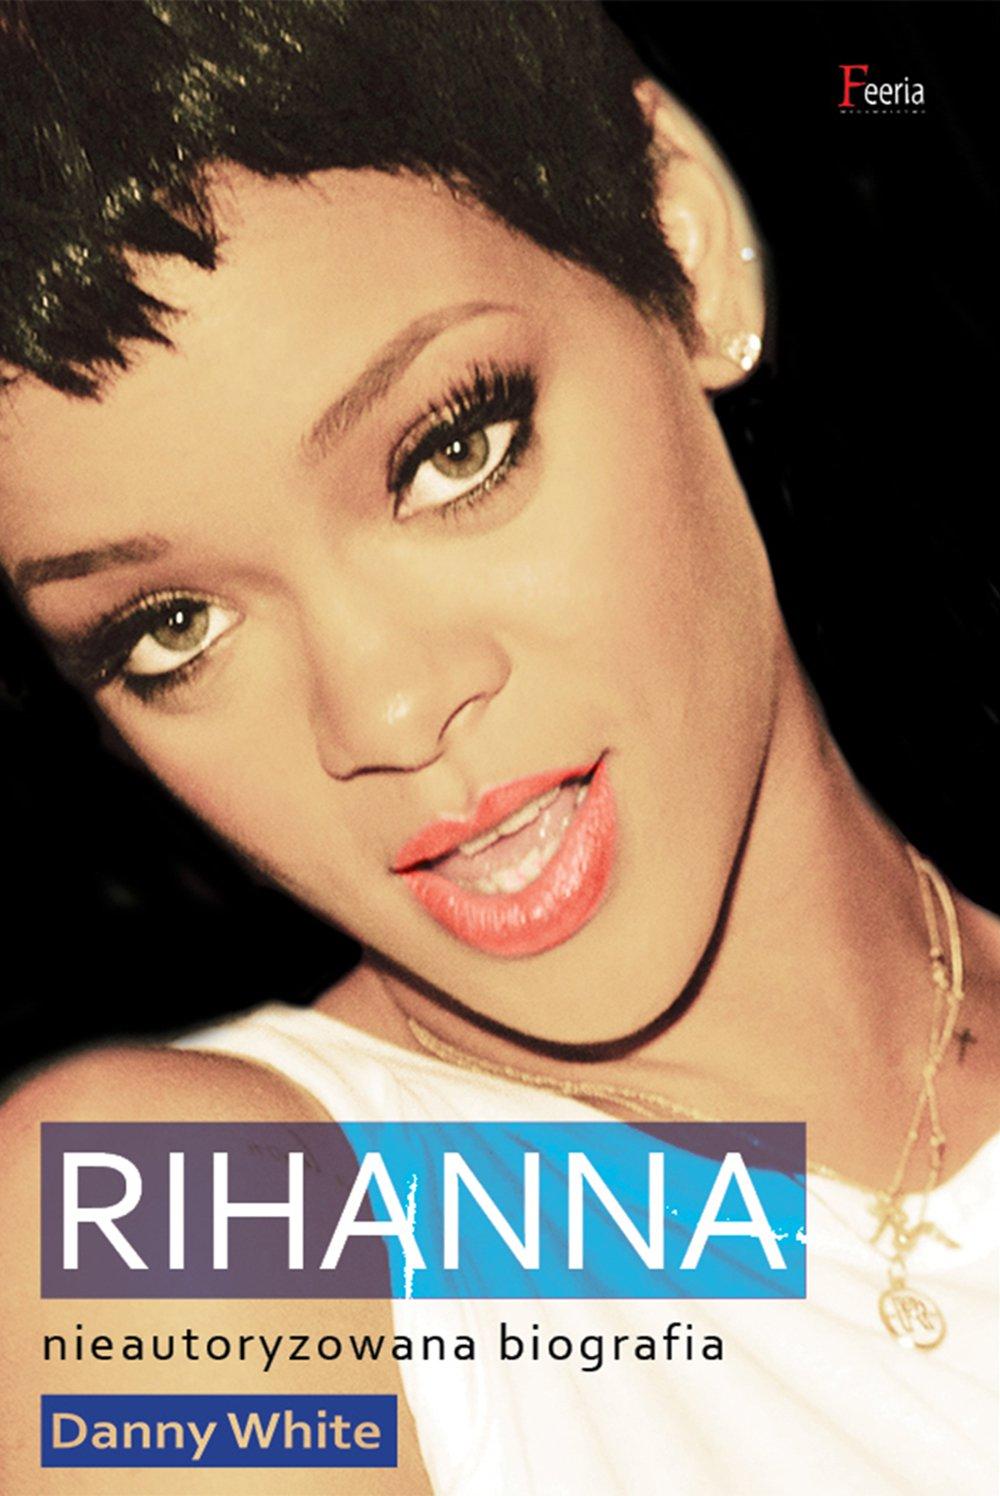 Rihanna. Nieautoryzowana biografia - Ebook (Książka EPUB) do pobrania w formacie EPUB